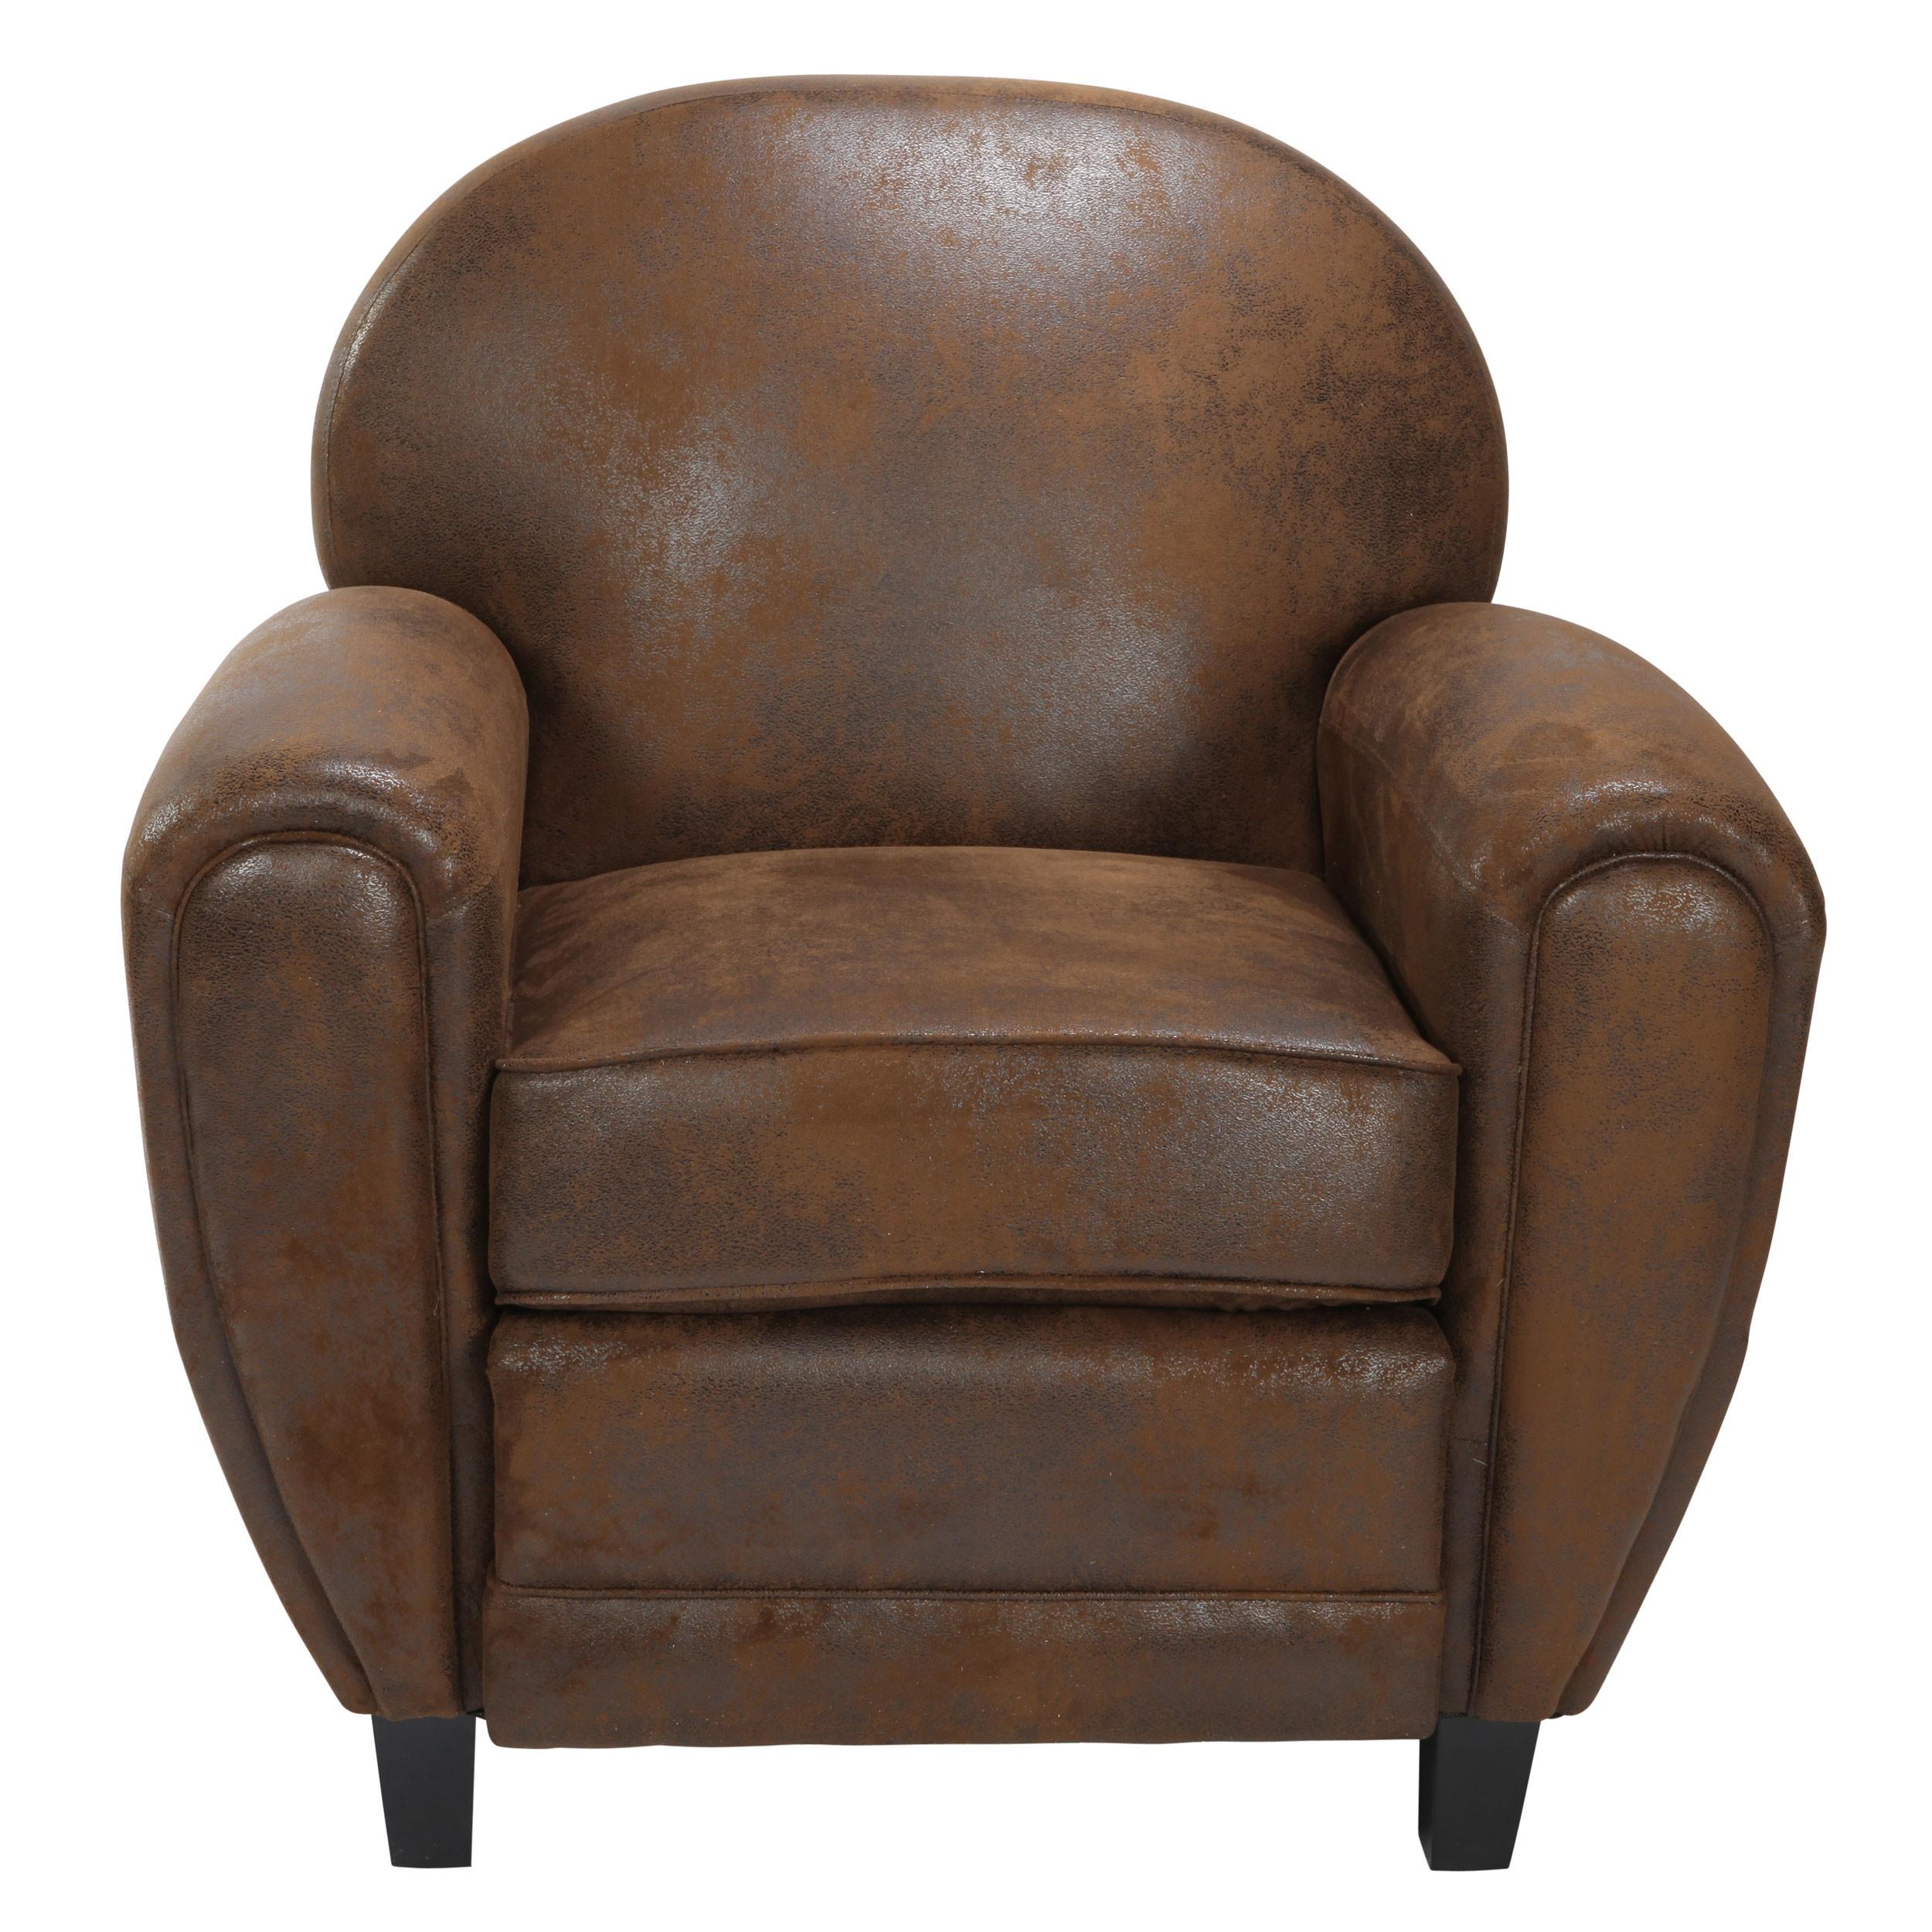 fauteuil club marron vieilli offrez vous un club prix usine rdv d co. Black Bedroom Furniture Sets. Home Design Ideas